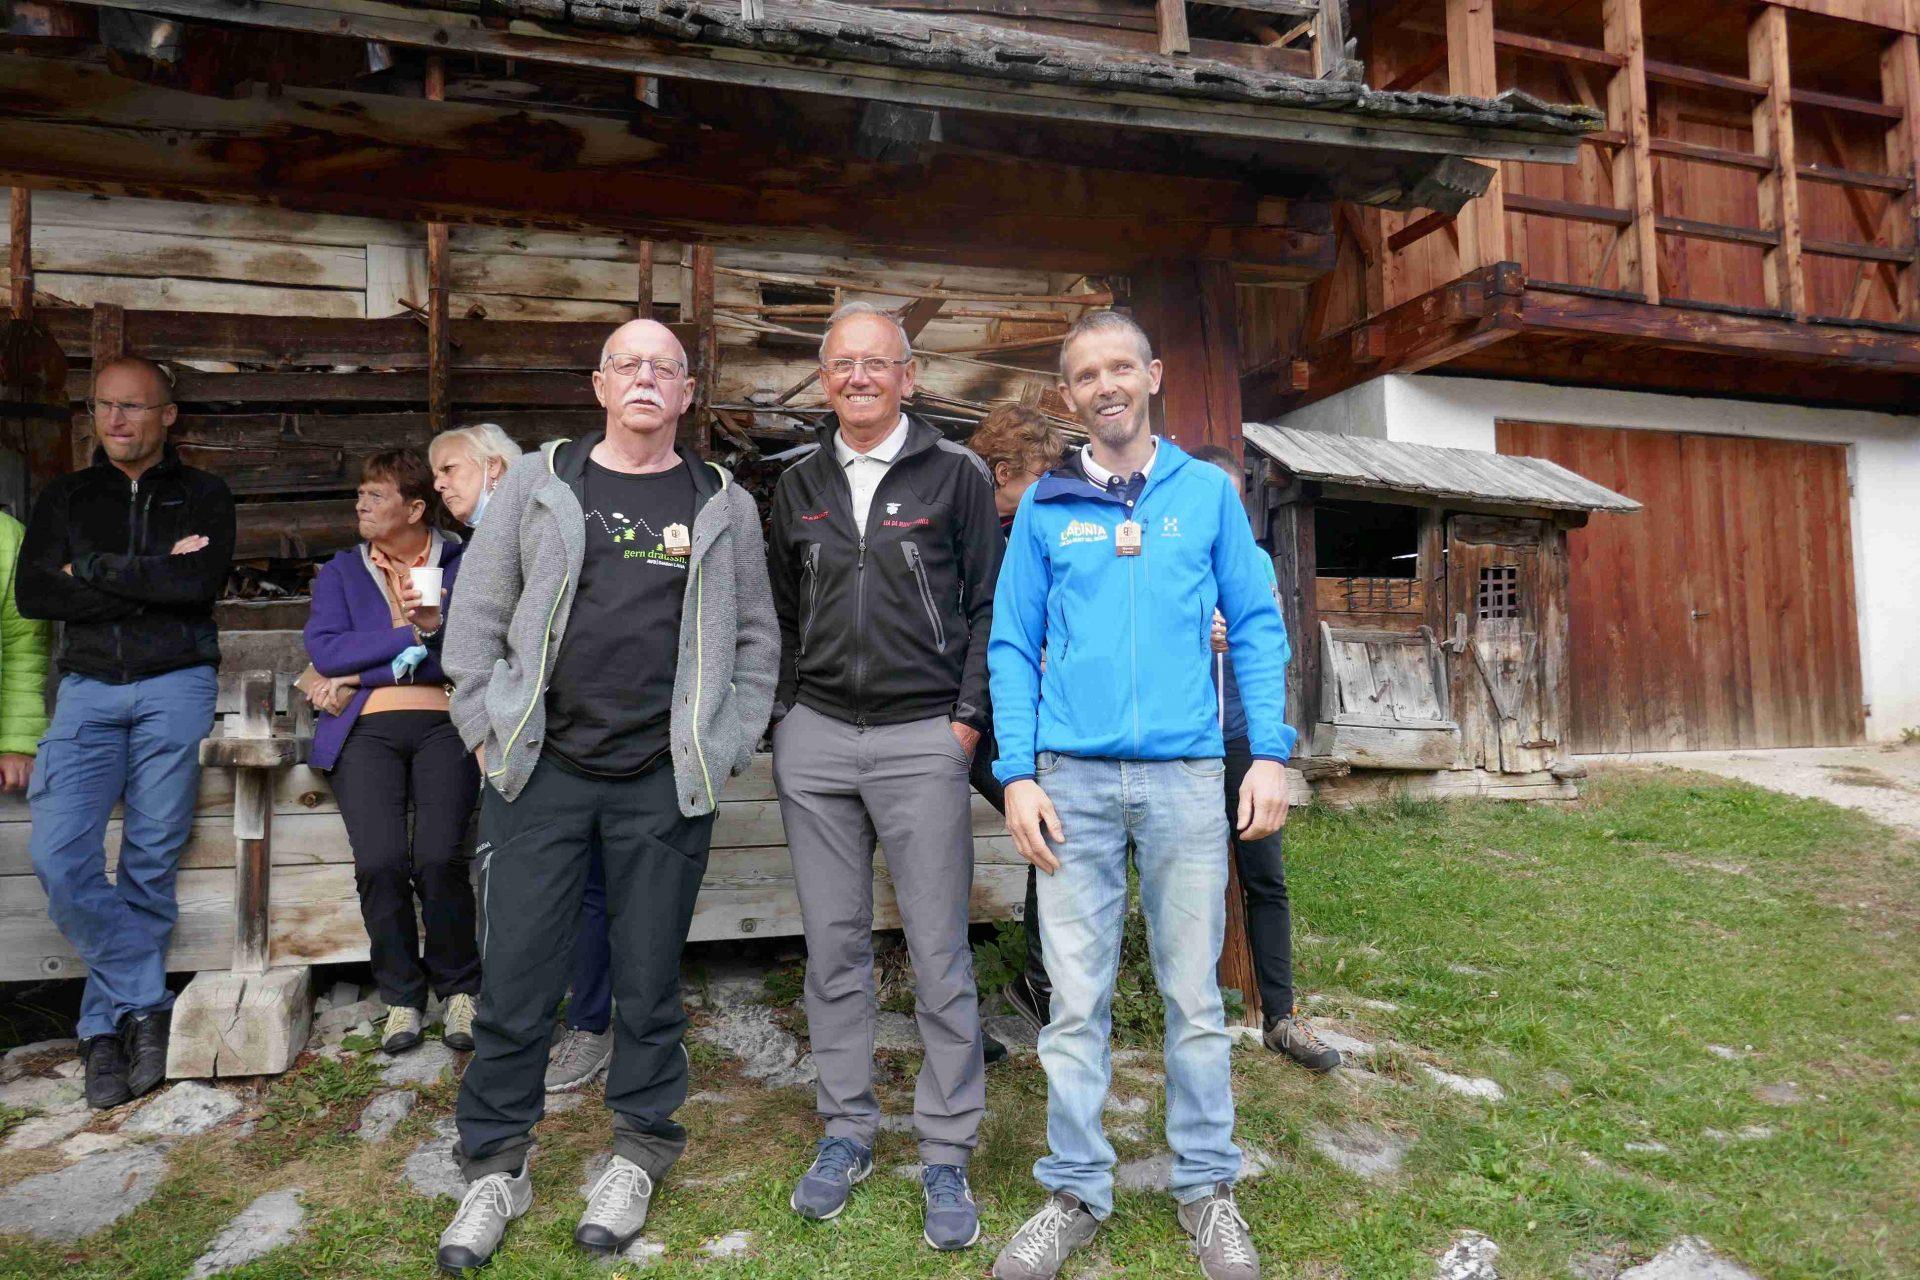 Georg Simeoni (AVS), Fortunato Flatscher (Lia da Munt Val Badia), Werner Frenes (AVS-Sektion Ladinia) I ©Anna Pichler I Bergsteigerdörfer